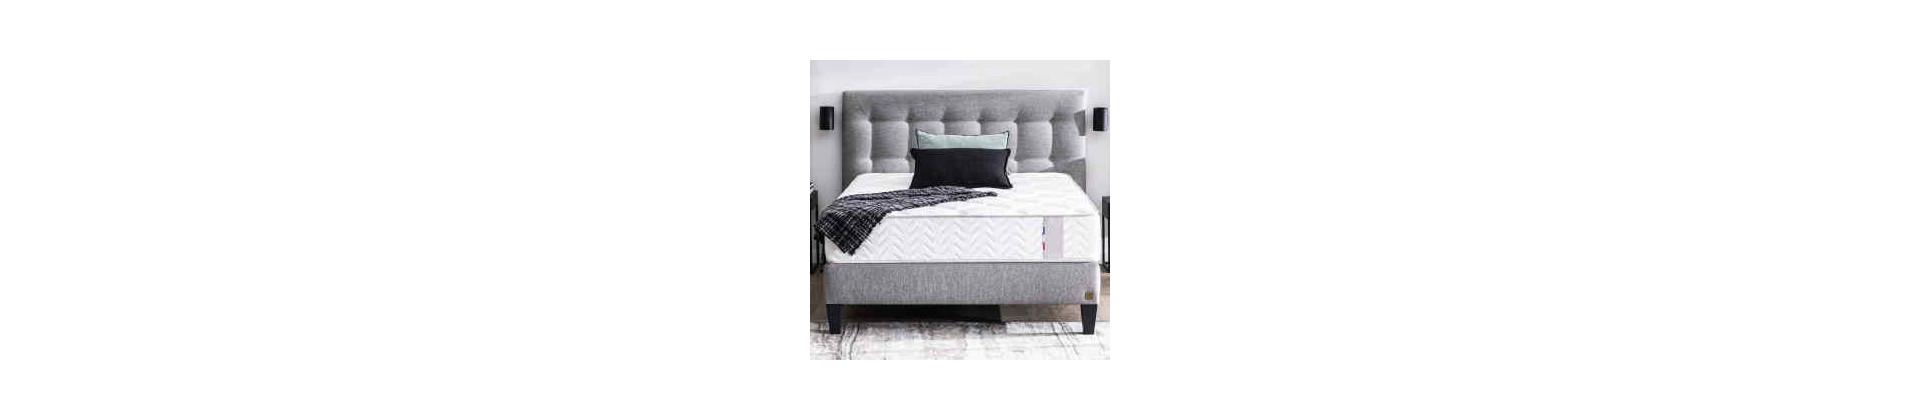 matelas h tel matelas professionnel pour collectivit s cth. Black Bedroom Furniture Sets. Home Design Ideas